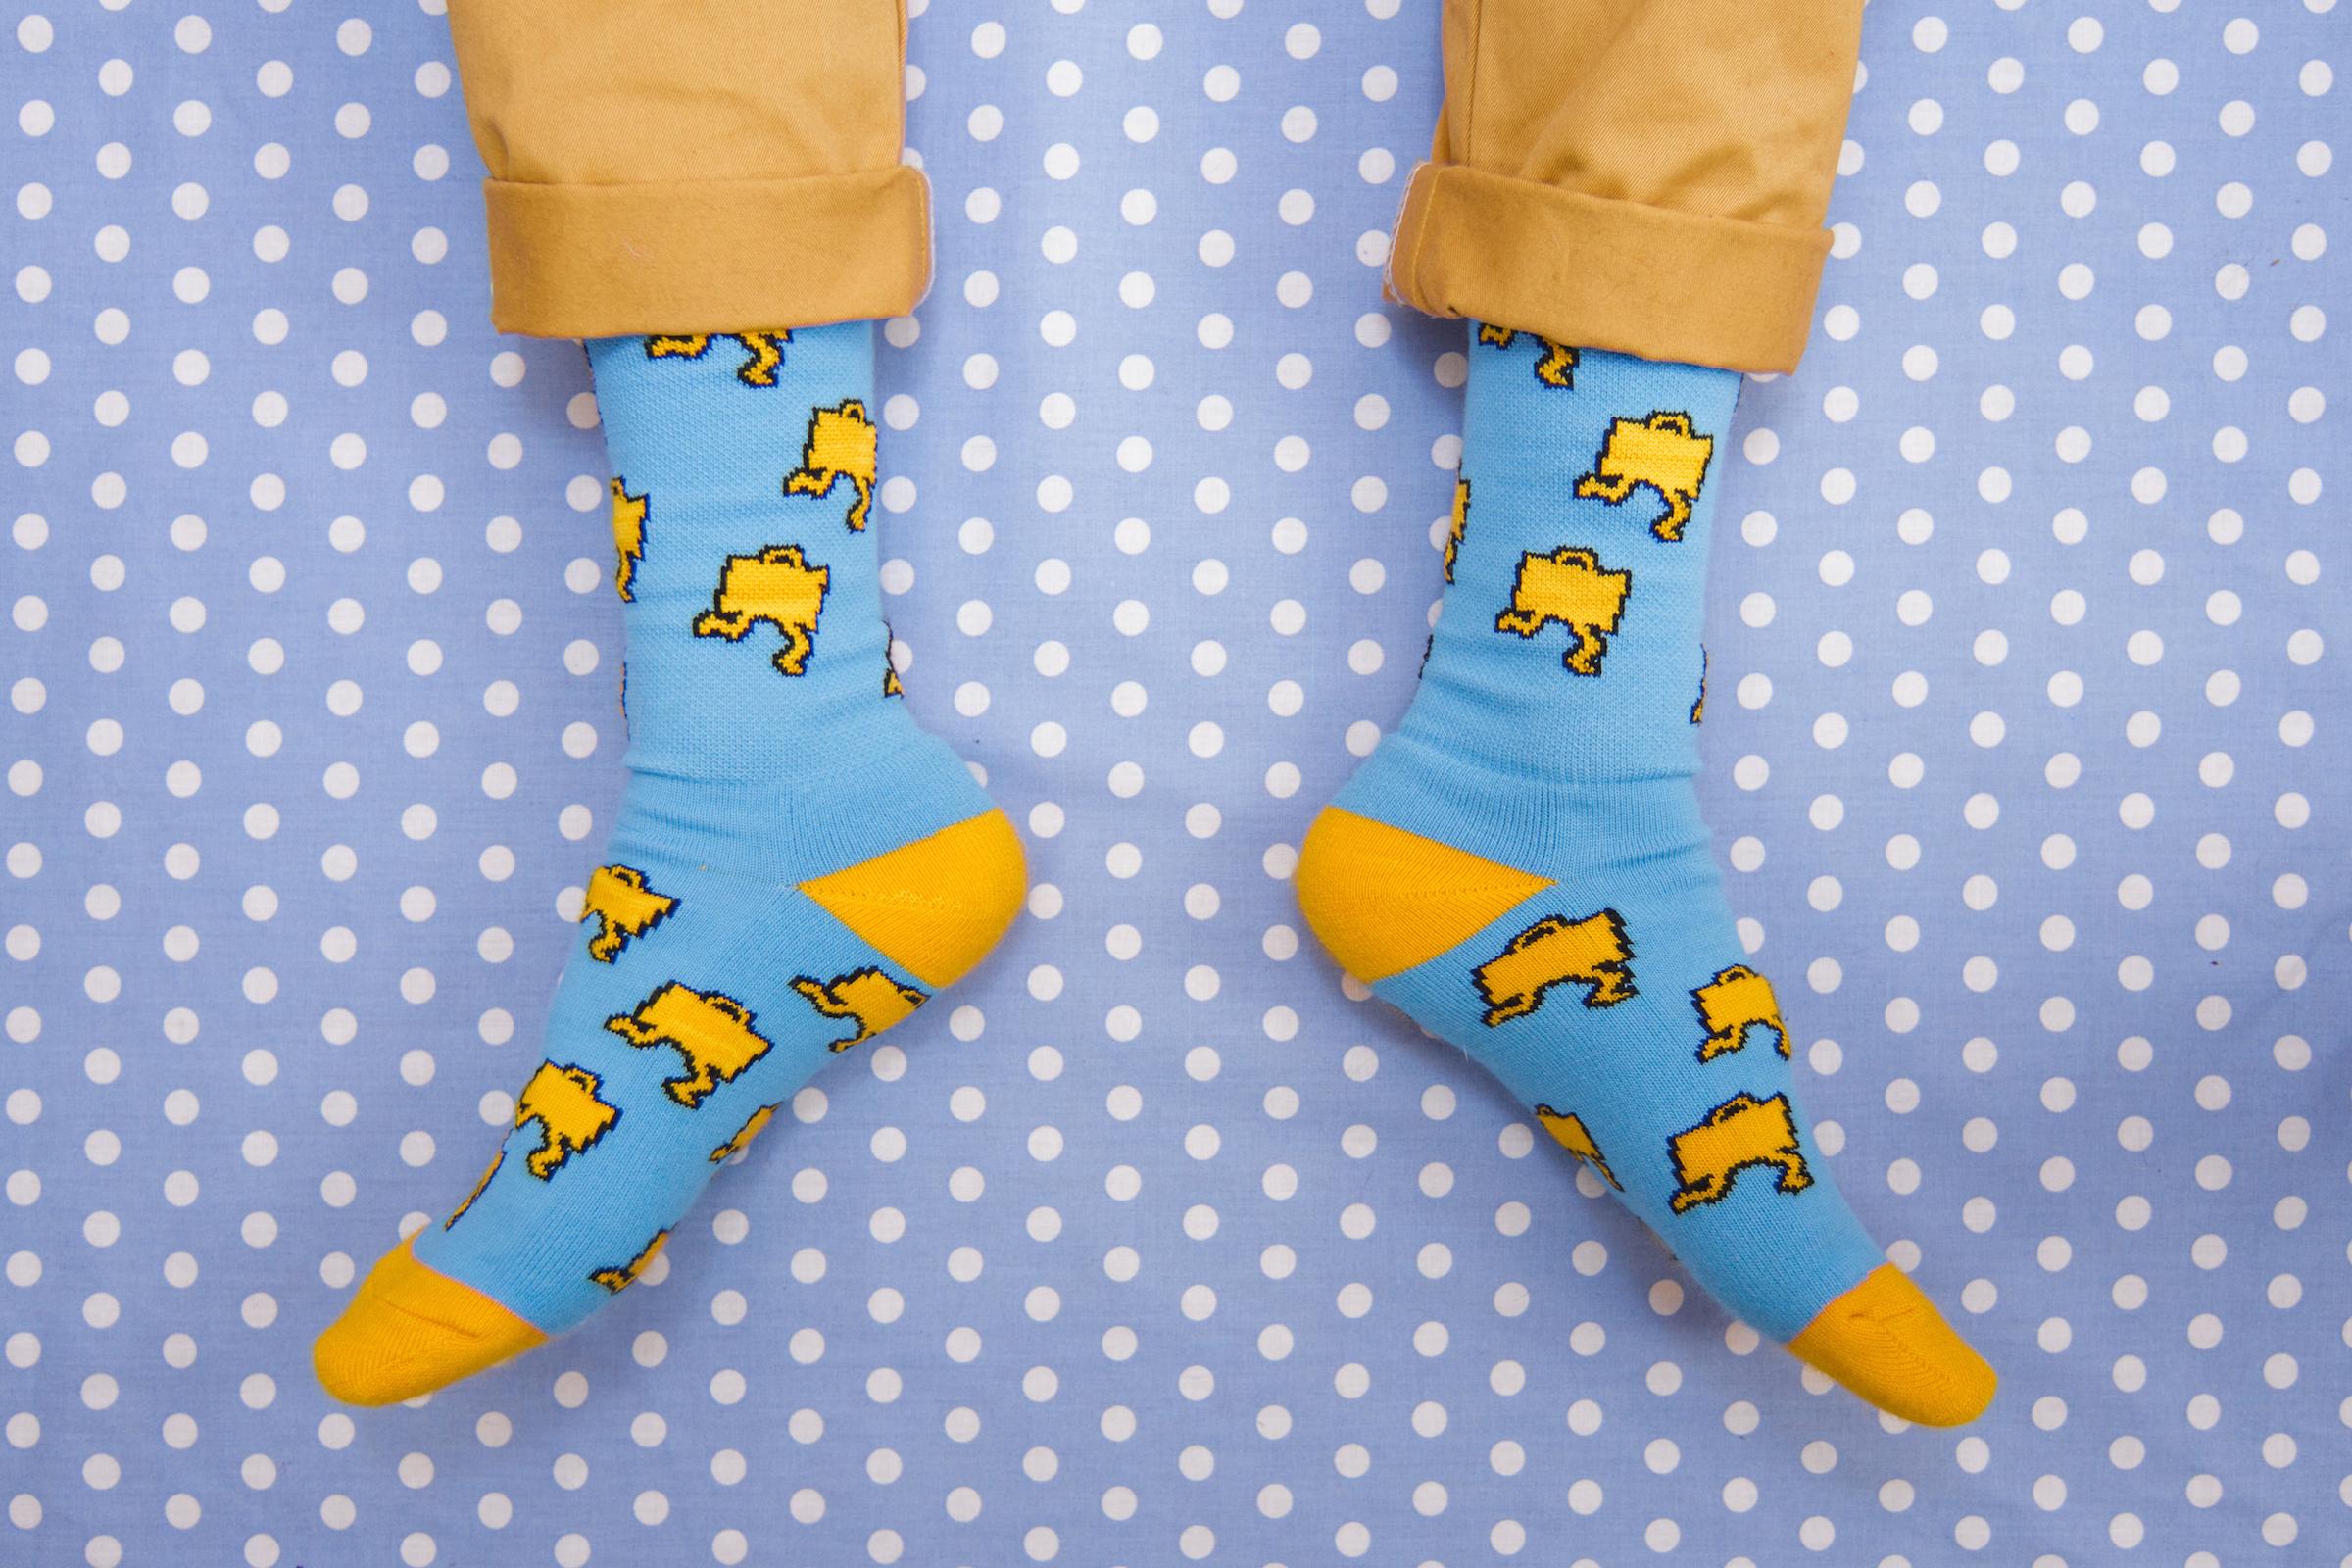 socks_front.jpg